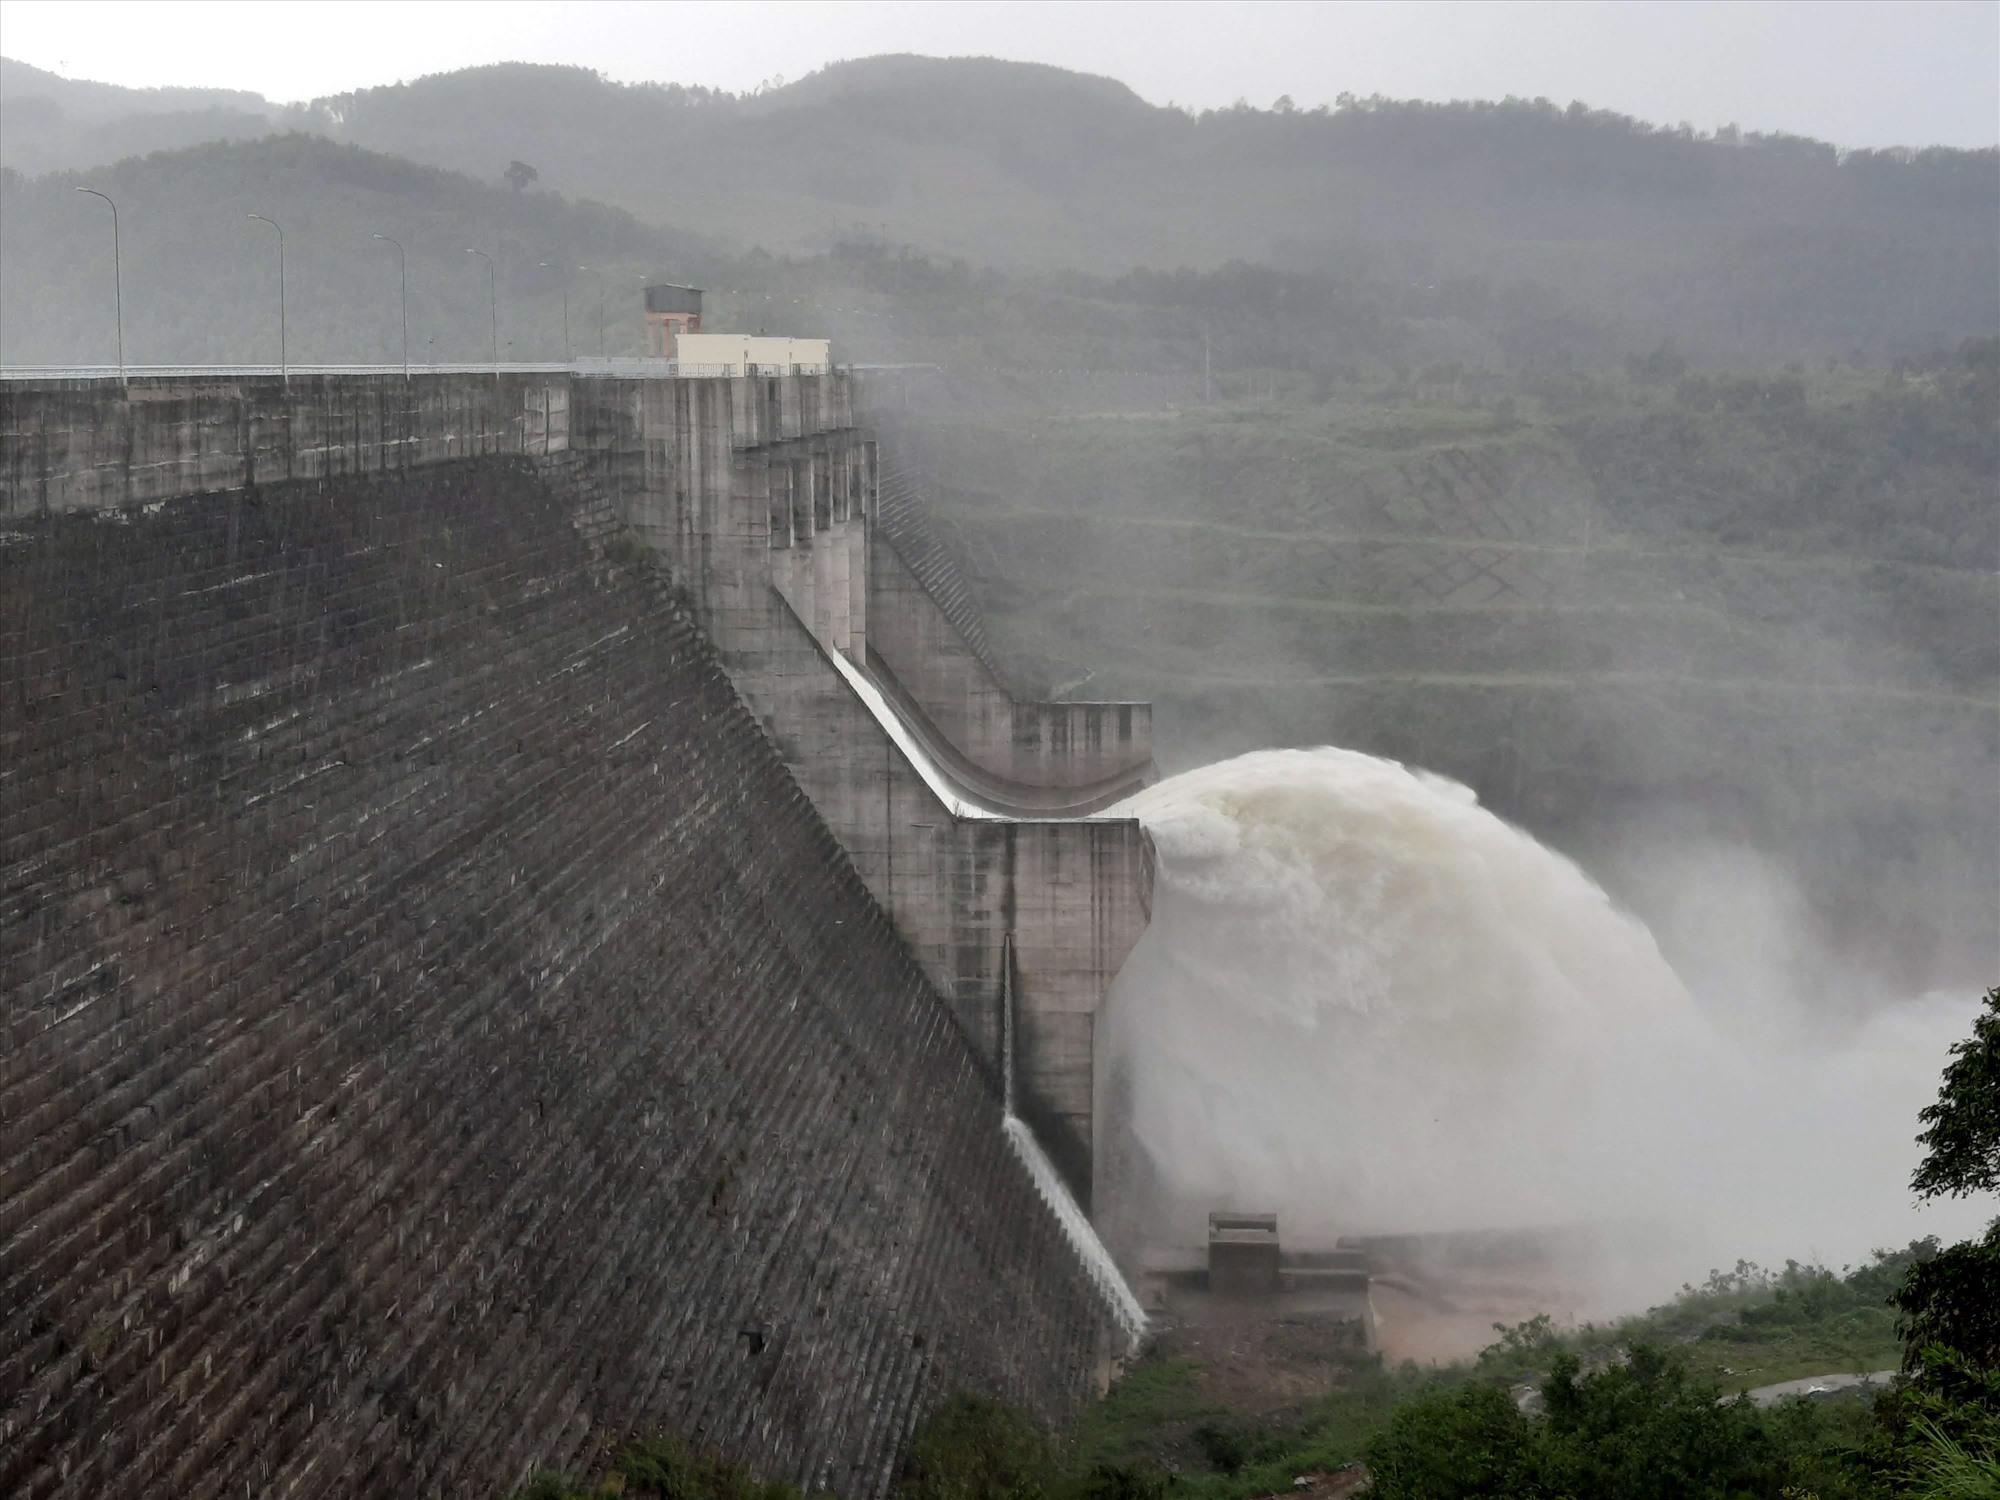 Vận hành hồ chứa thủy điện Sông Tranh 3 để duy trì mực nước hồ dưới cao trình mực nước dâng bình thường 71,5m. Ảnh: H.Đ